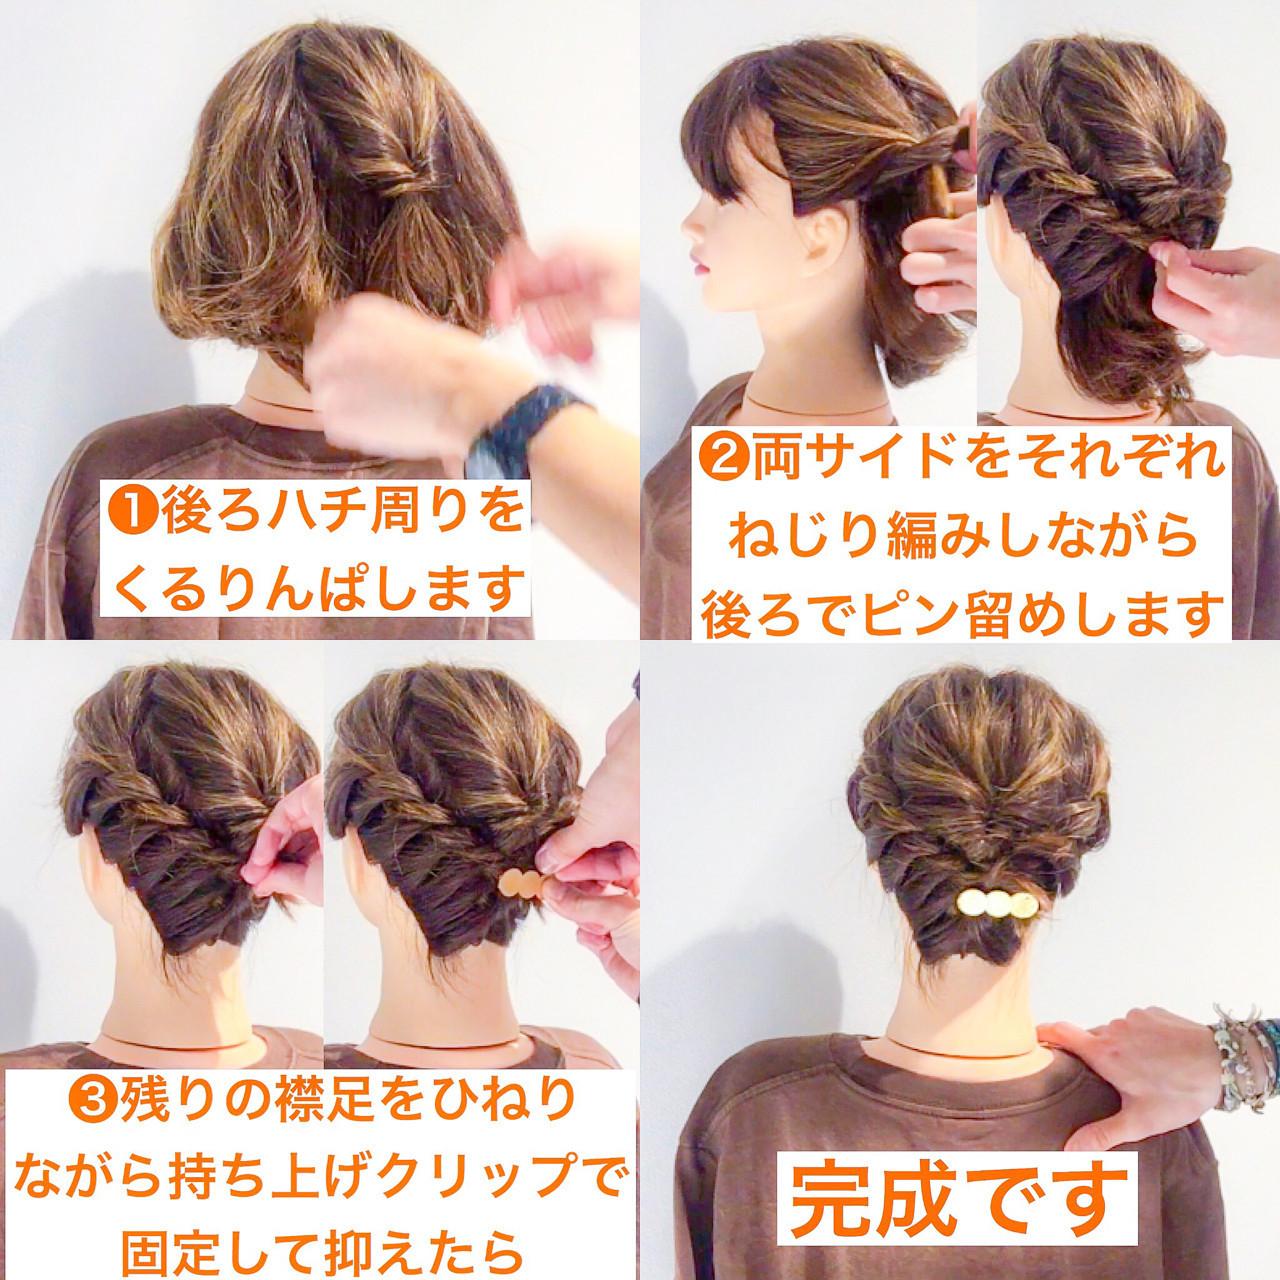 短めボブでもできるまとめ髪 美容師 HIRO